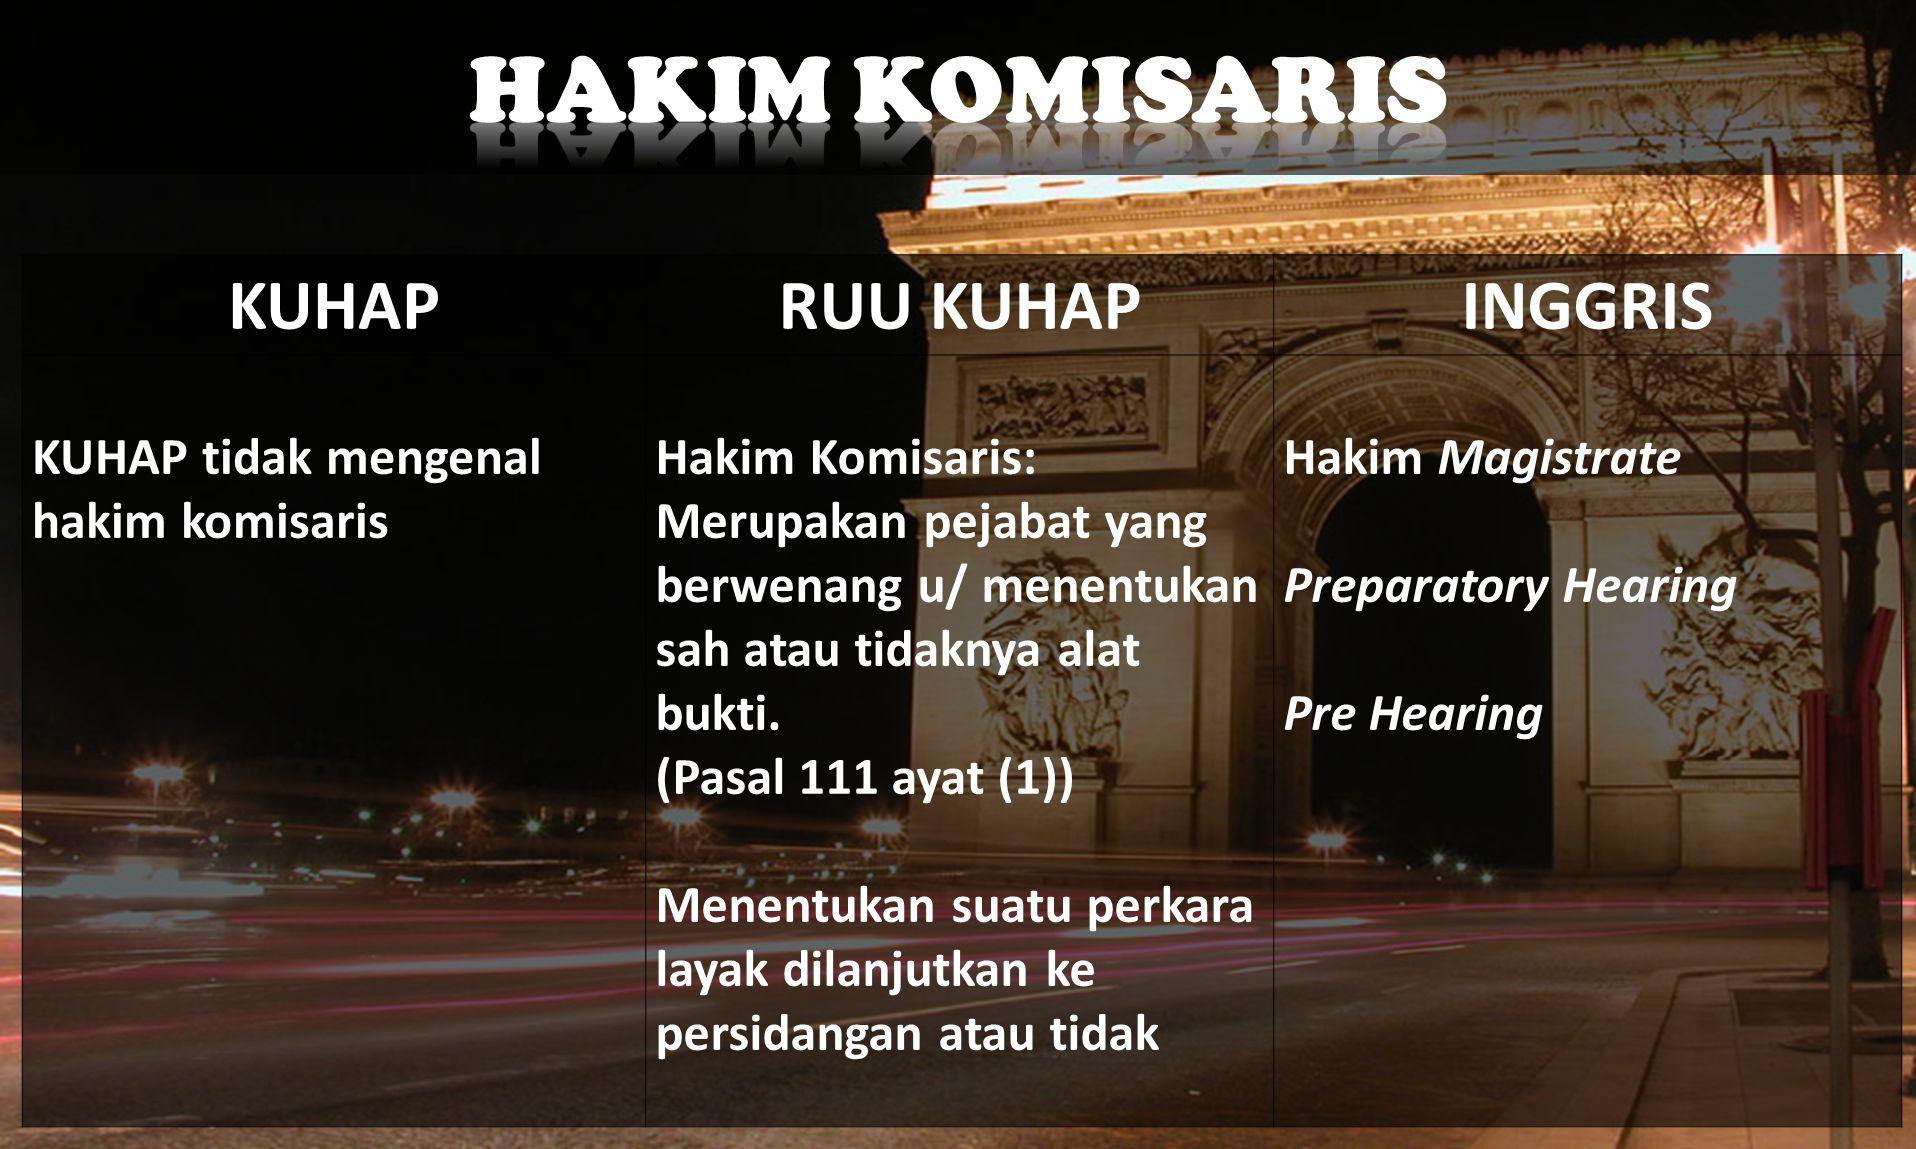 KUHAPRUU KUHAPINGGRIS KUHAP tidak mengenal hakim komisaris Hakim Komisaris: Merupakan pejabat yang berwenang u/ menentukan sah atau tidaknya alat bukti.